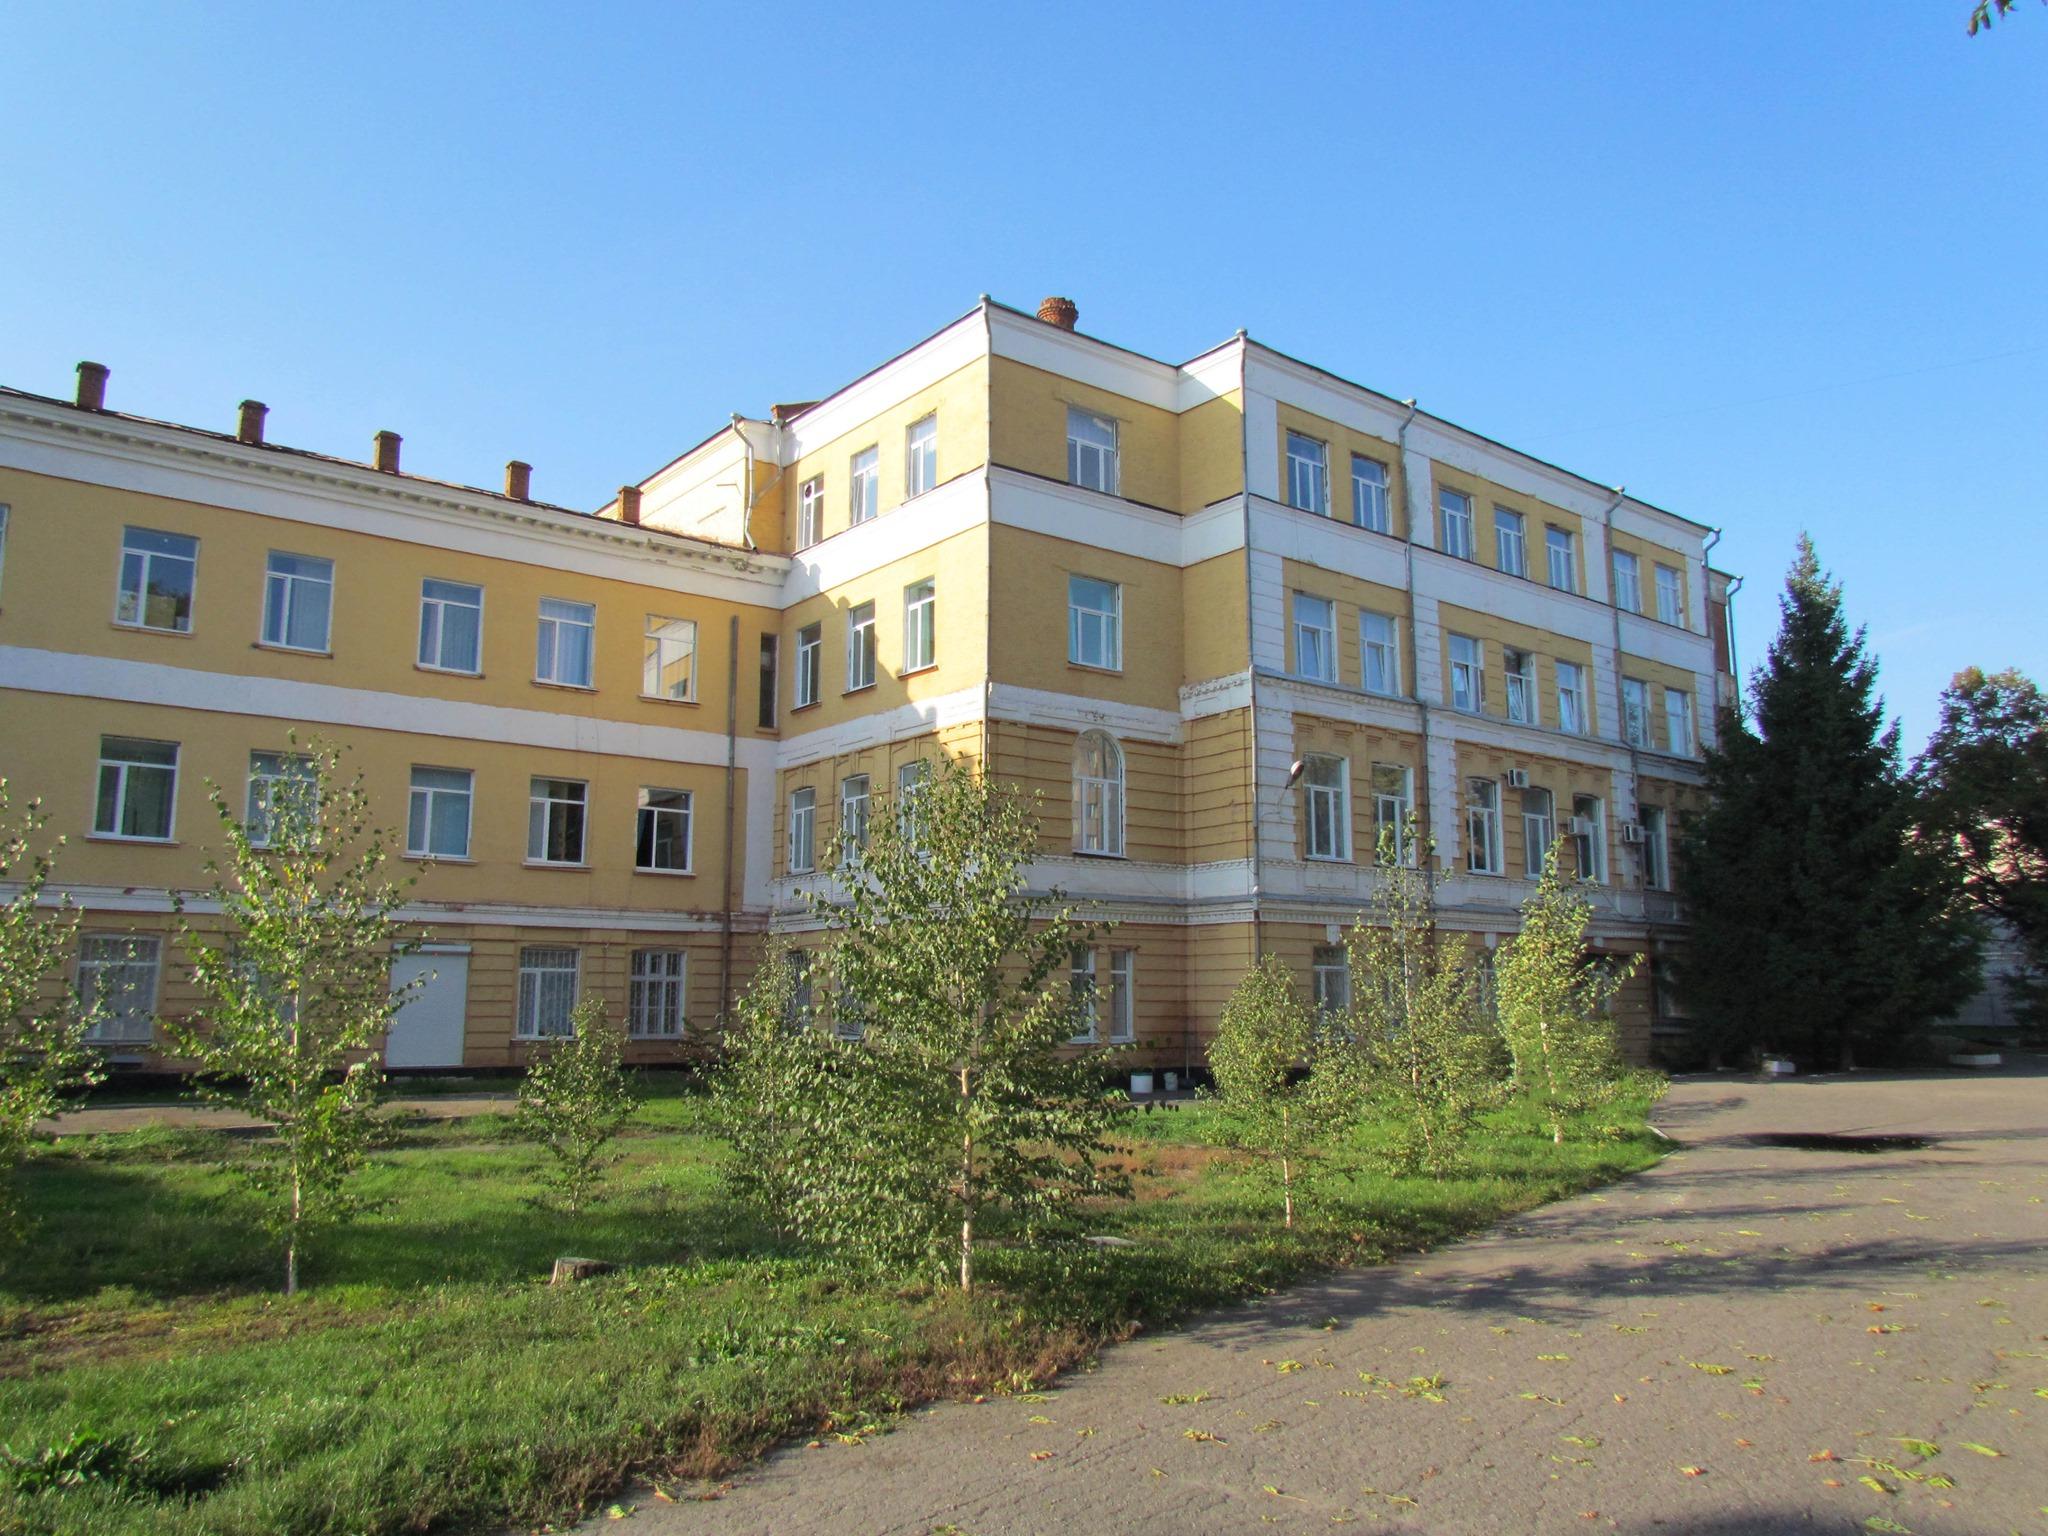 Полтавський фаховий коледж Національного університету харчових технологій